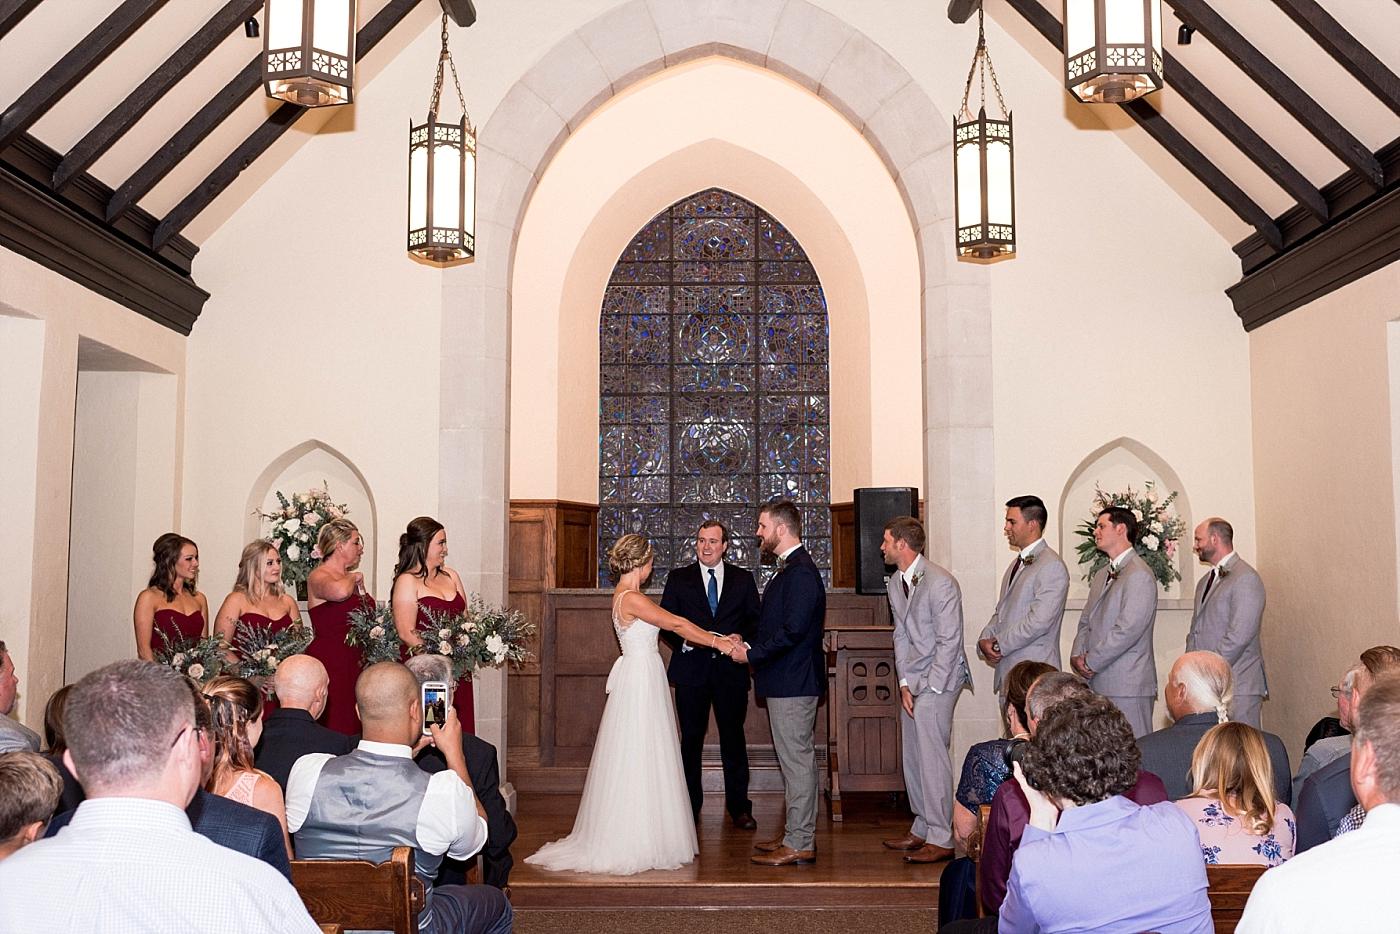 Church chapel wedding bride groom bridal party alter vows